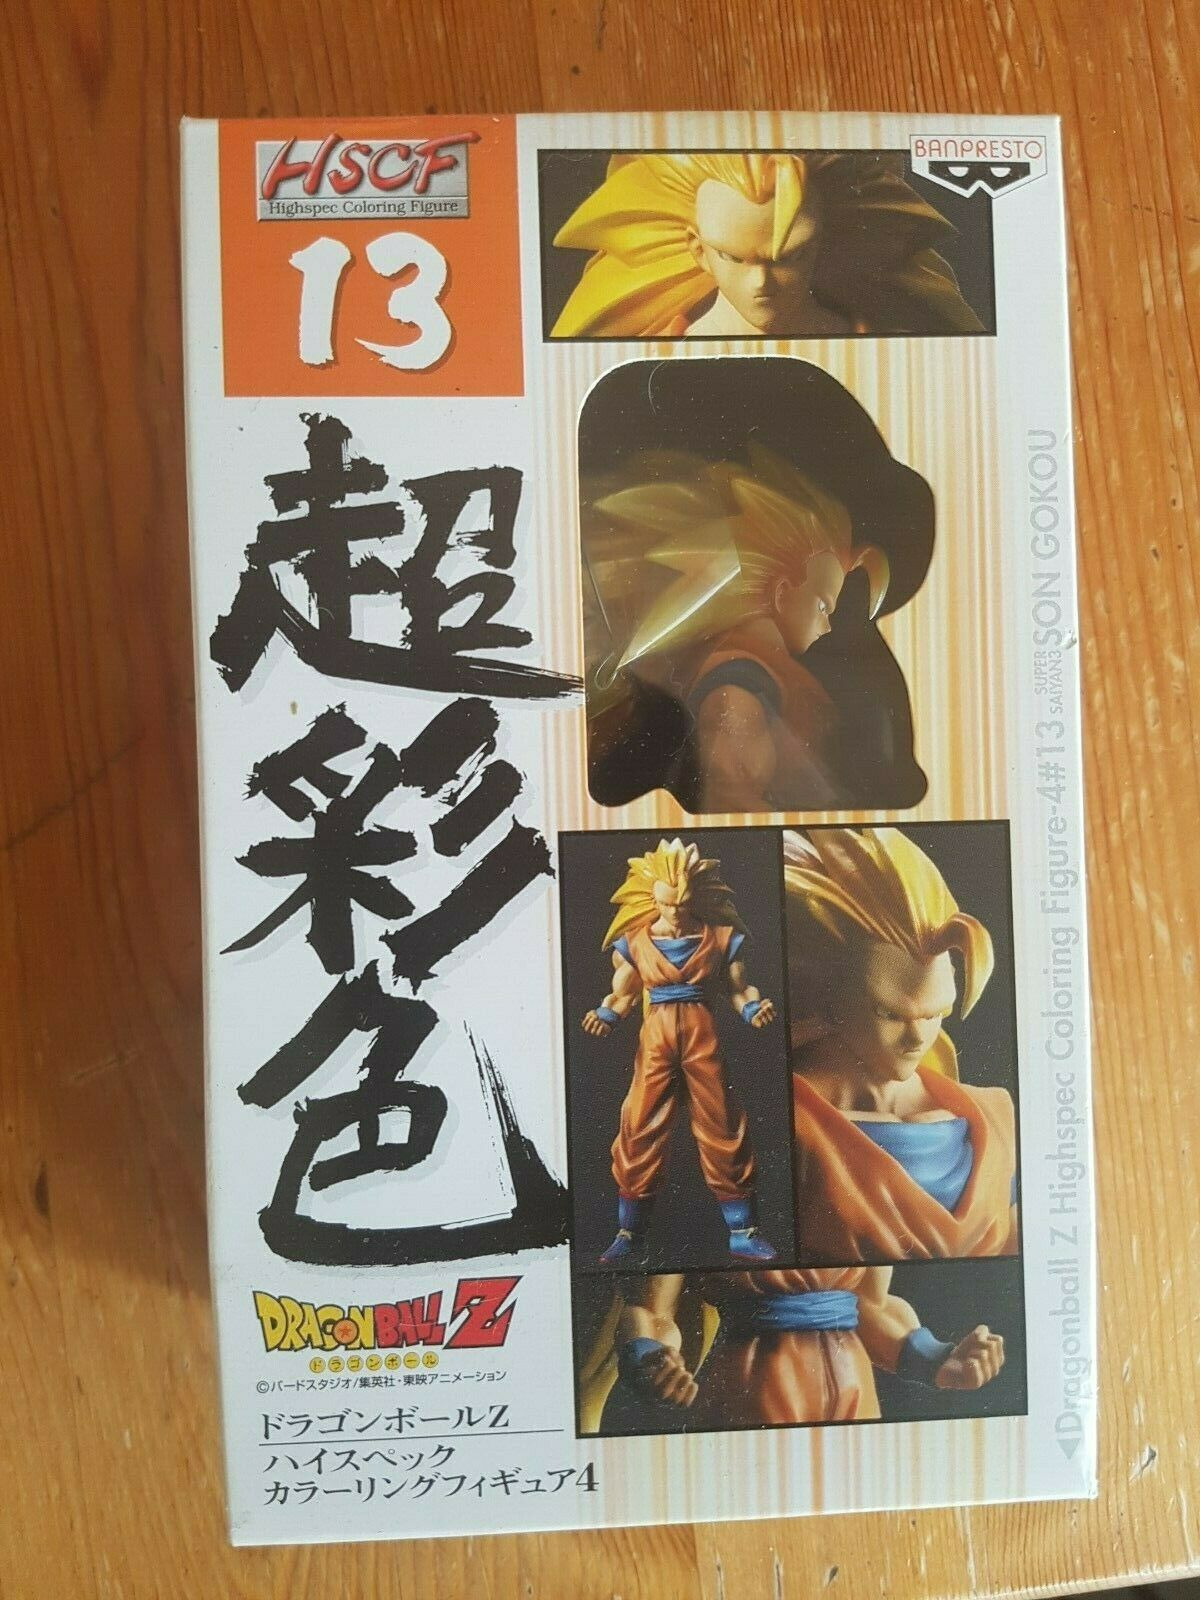 Dragon Ball Z , SON GOKOU ,Super Sayan 3,dbz hscf-4 13, action figure Highspec f